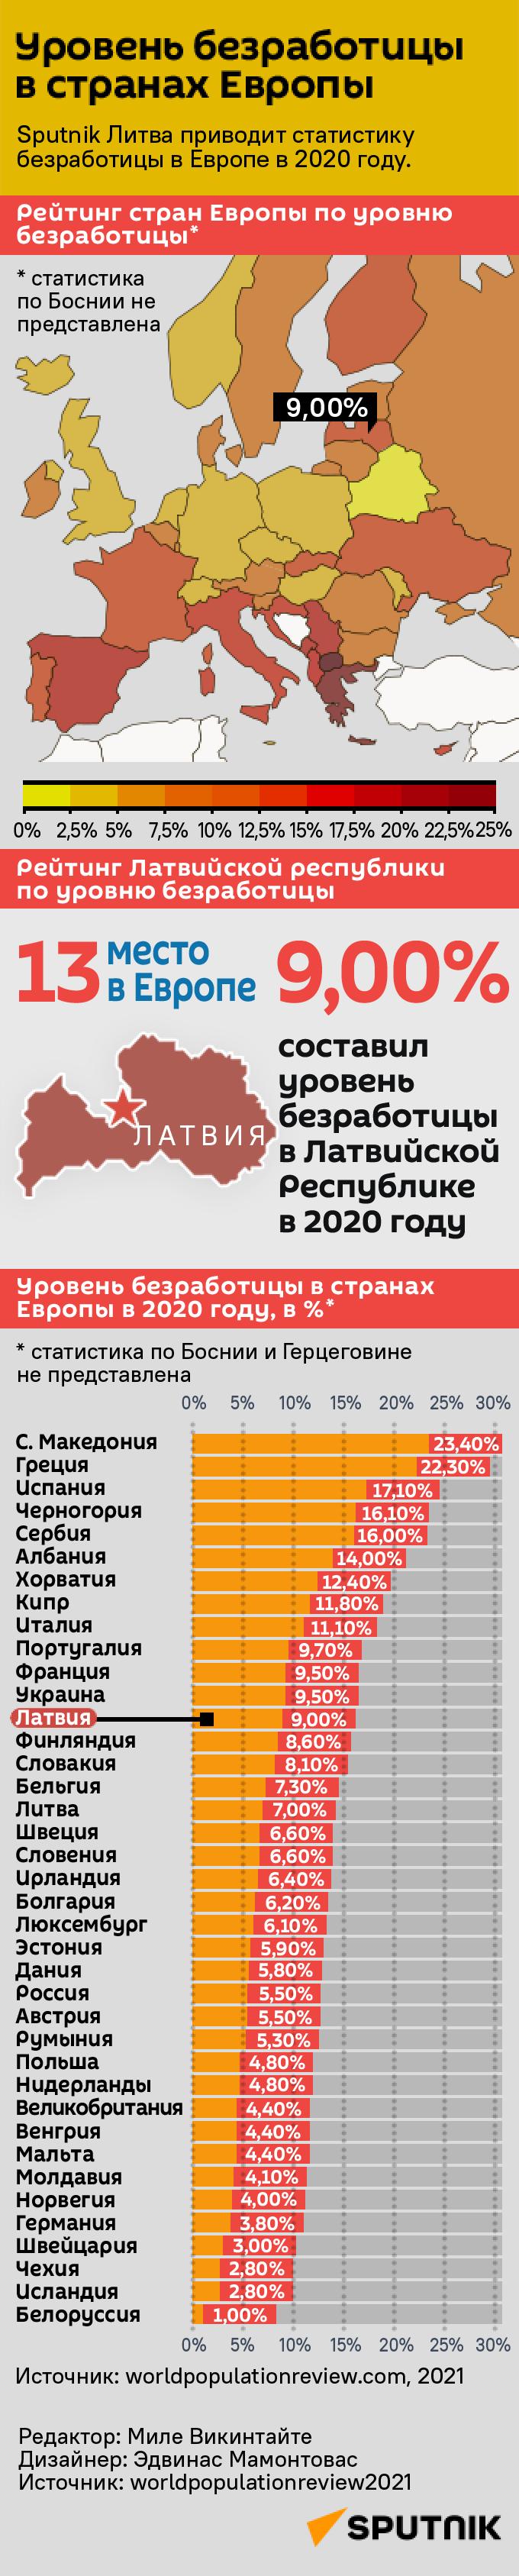 Уровень безработицы в странах Европы - Sputnik Латвия